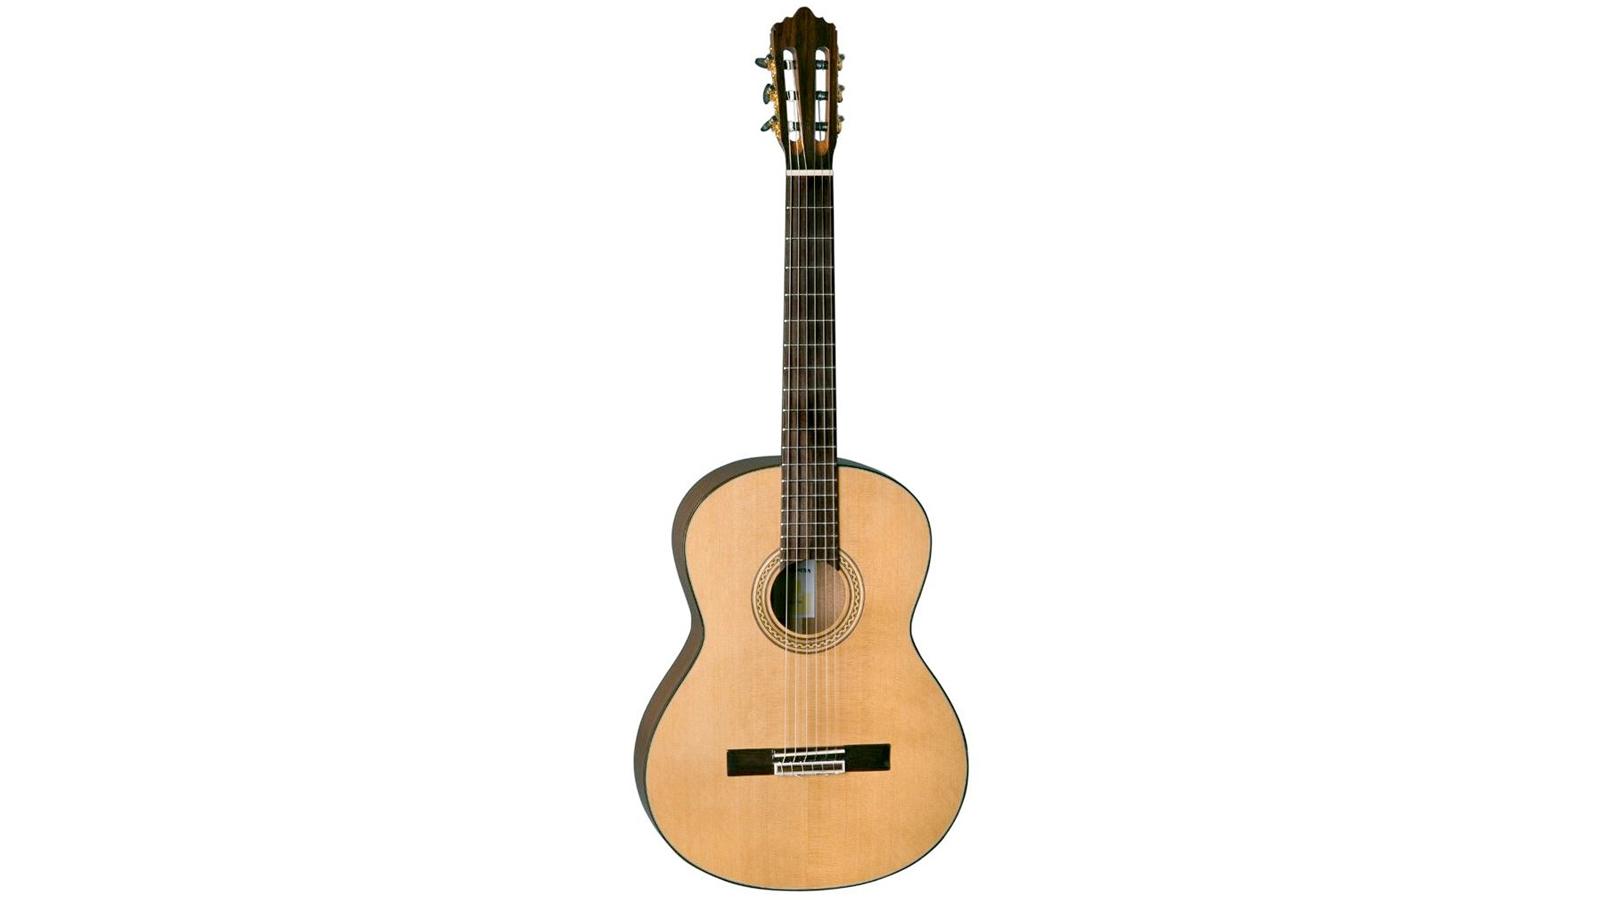 La Mancha Circon Konzertgitarre 4/4